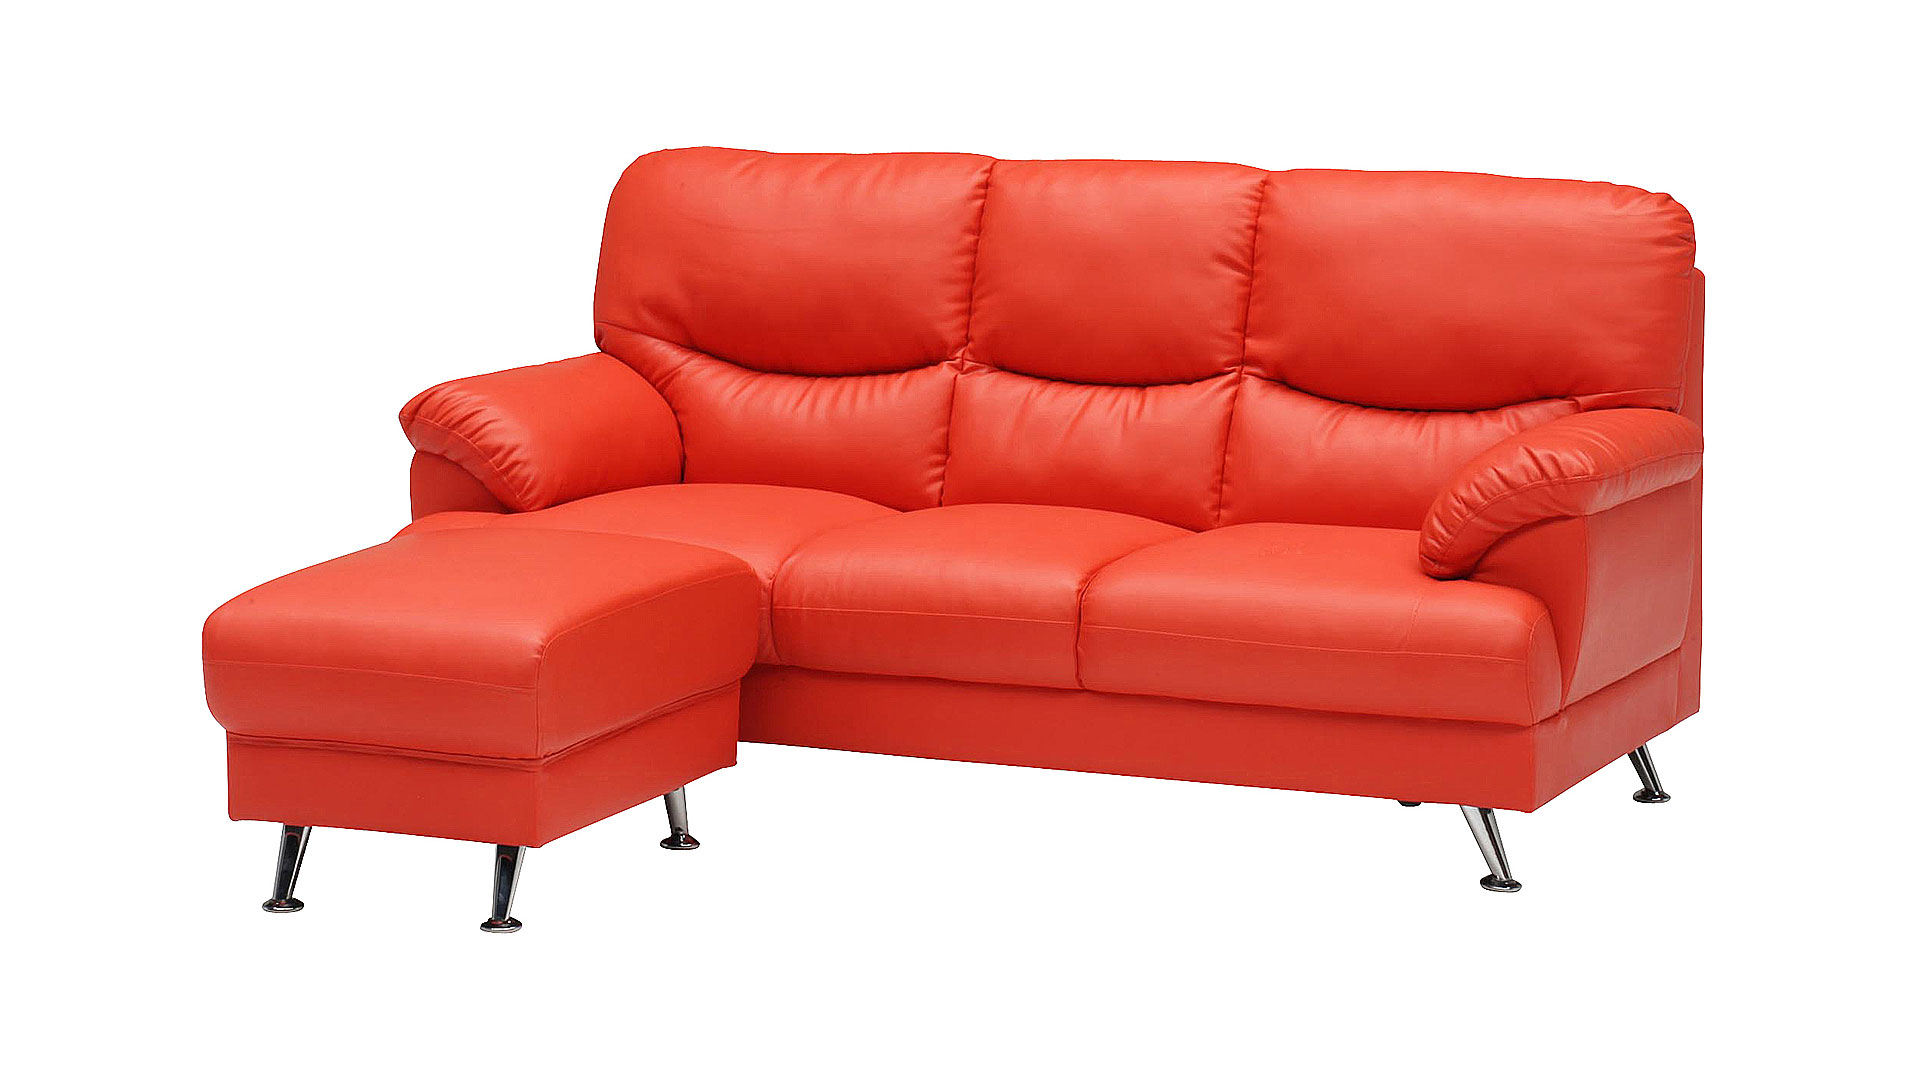 リビンズの三人掛けソファ「セリート」のRDとスツール